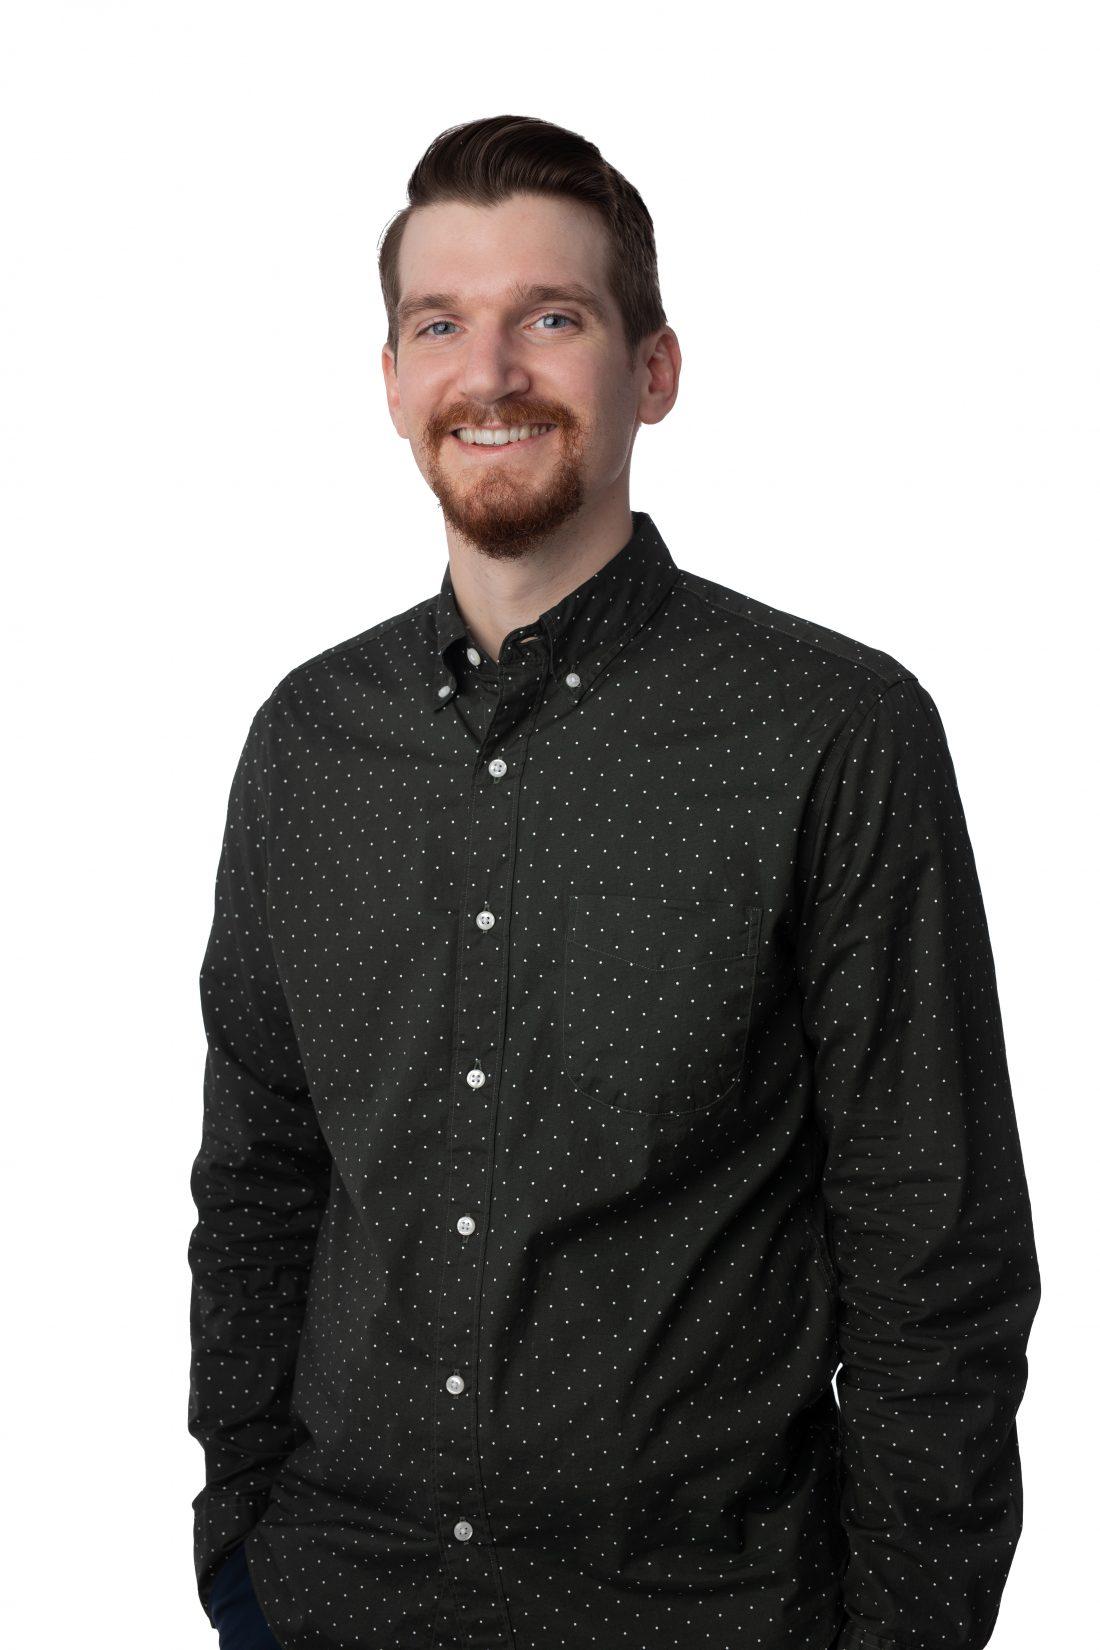 Graham Hays of the True Ventures Team